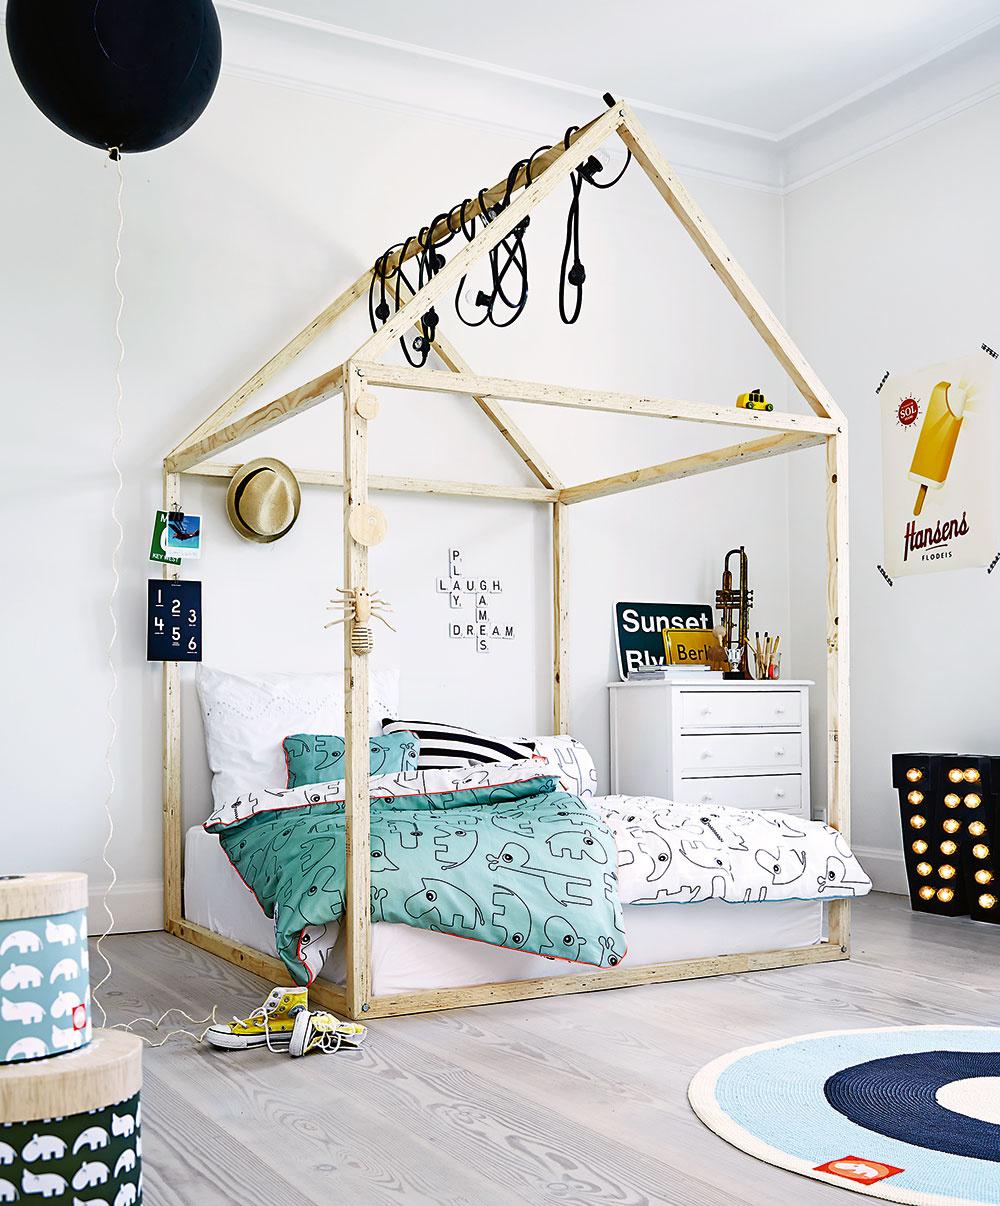 PRE KREATÍVNE DUŠE tu je nápad sdrevenou konštrukciou okolo postele. Menších obyvateľov určite poteší tvar domčeka, akeď vyrastú, strechu odstránite amôžete cez drevo prevesiť baldachýn alebo svetelné reťaze. Návliečky na obrázku sú od značky Done by Deer.